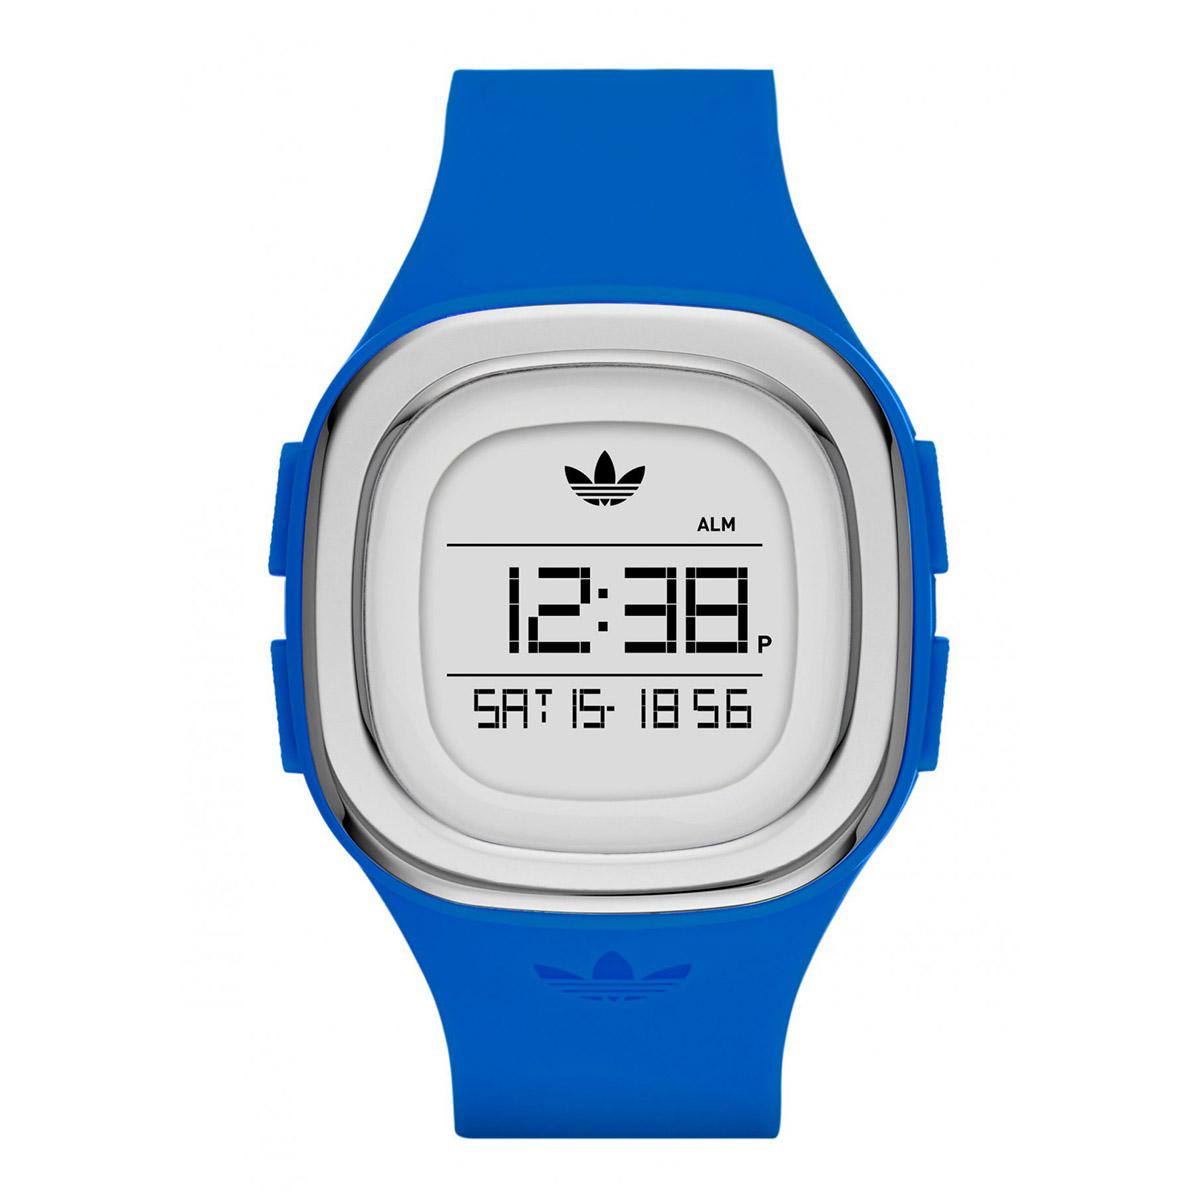 นาฬิกาผู้ชาย Adidas รุ่น ADH3034, Denver